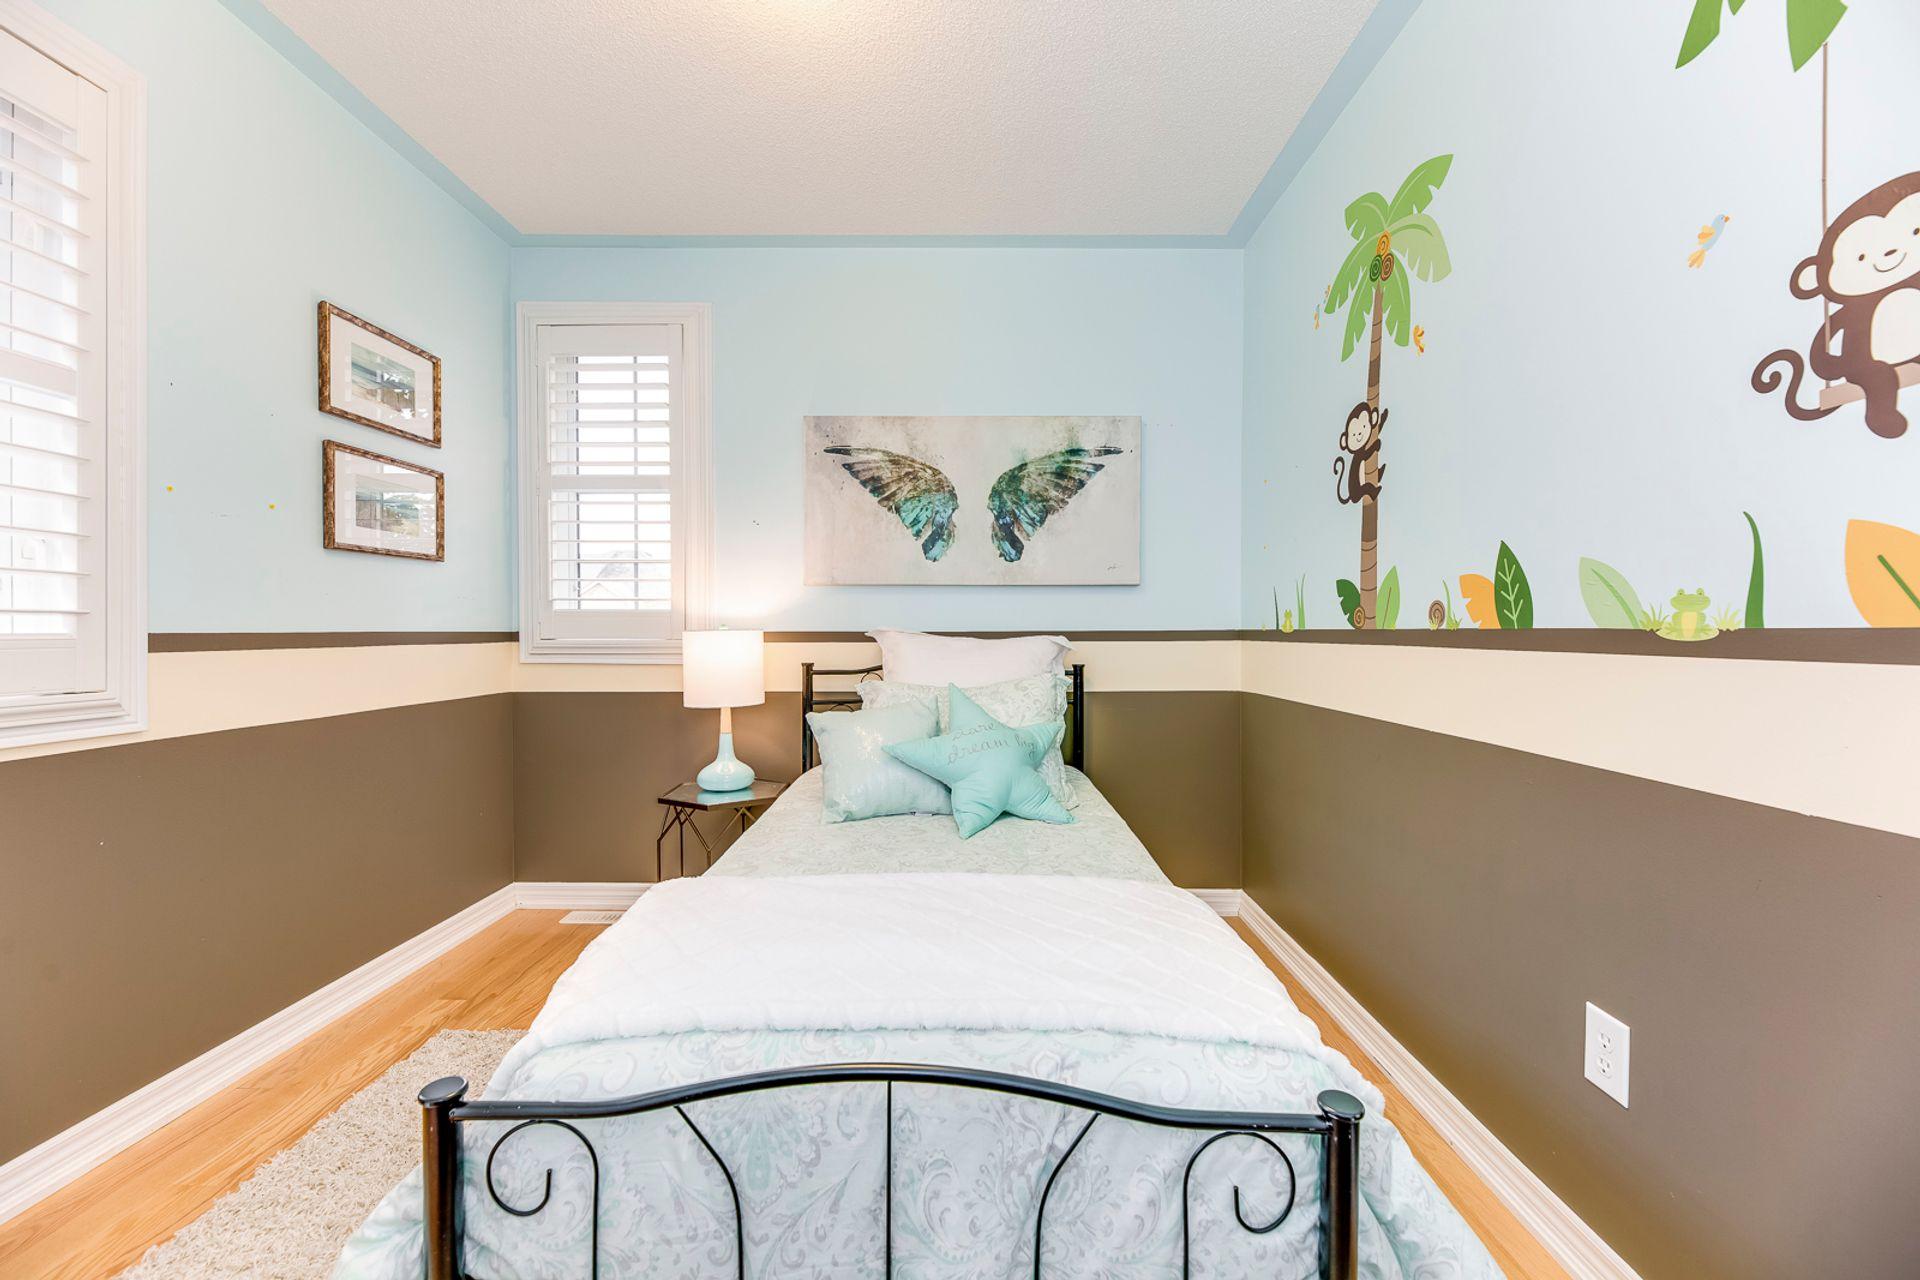 3rd Bedroom - 3720 Nightstar Dr, Mississauga - Elite3 & Team at 3720 Nightstar Drive, Churchill Meadows, Mississauga